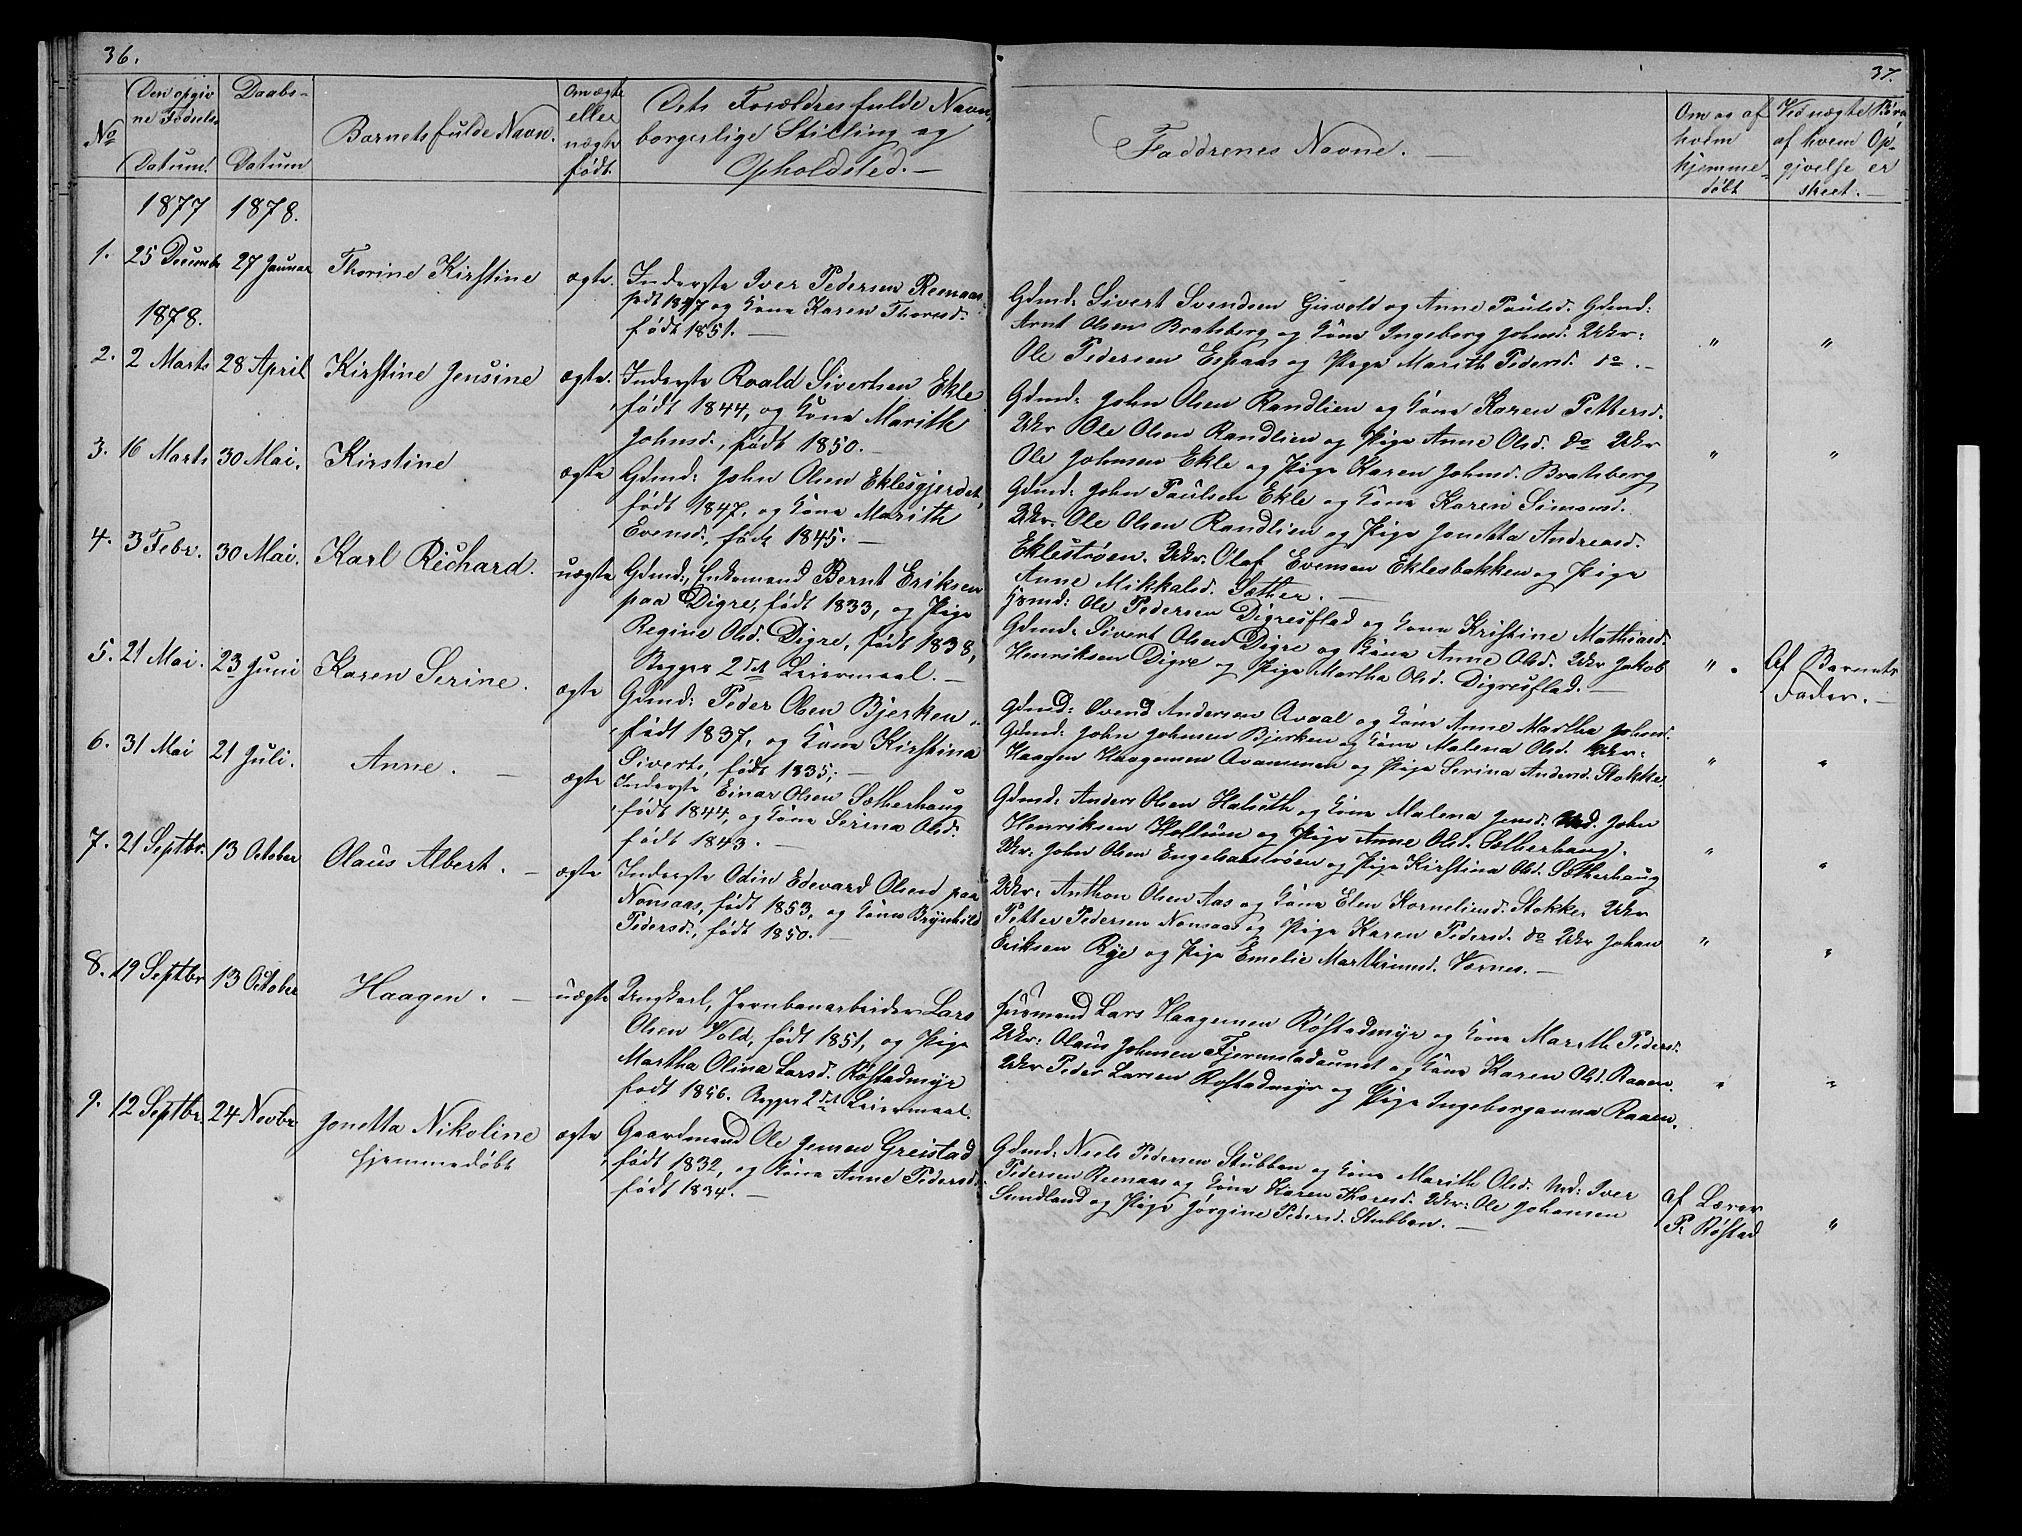 SAT, Ministerialprotokoller, klokkerbøker og fødselsregistre - Sør-Trøndelag, 608/L0340: Klokkerbok nr. 608C06, 1864-1889, s. 36-37